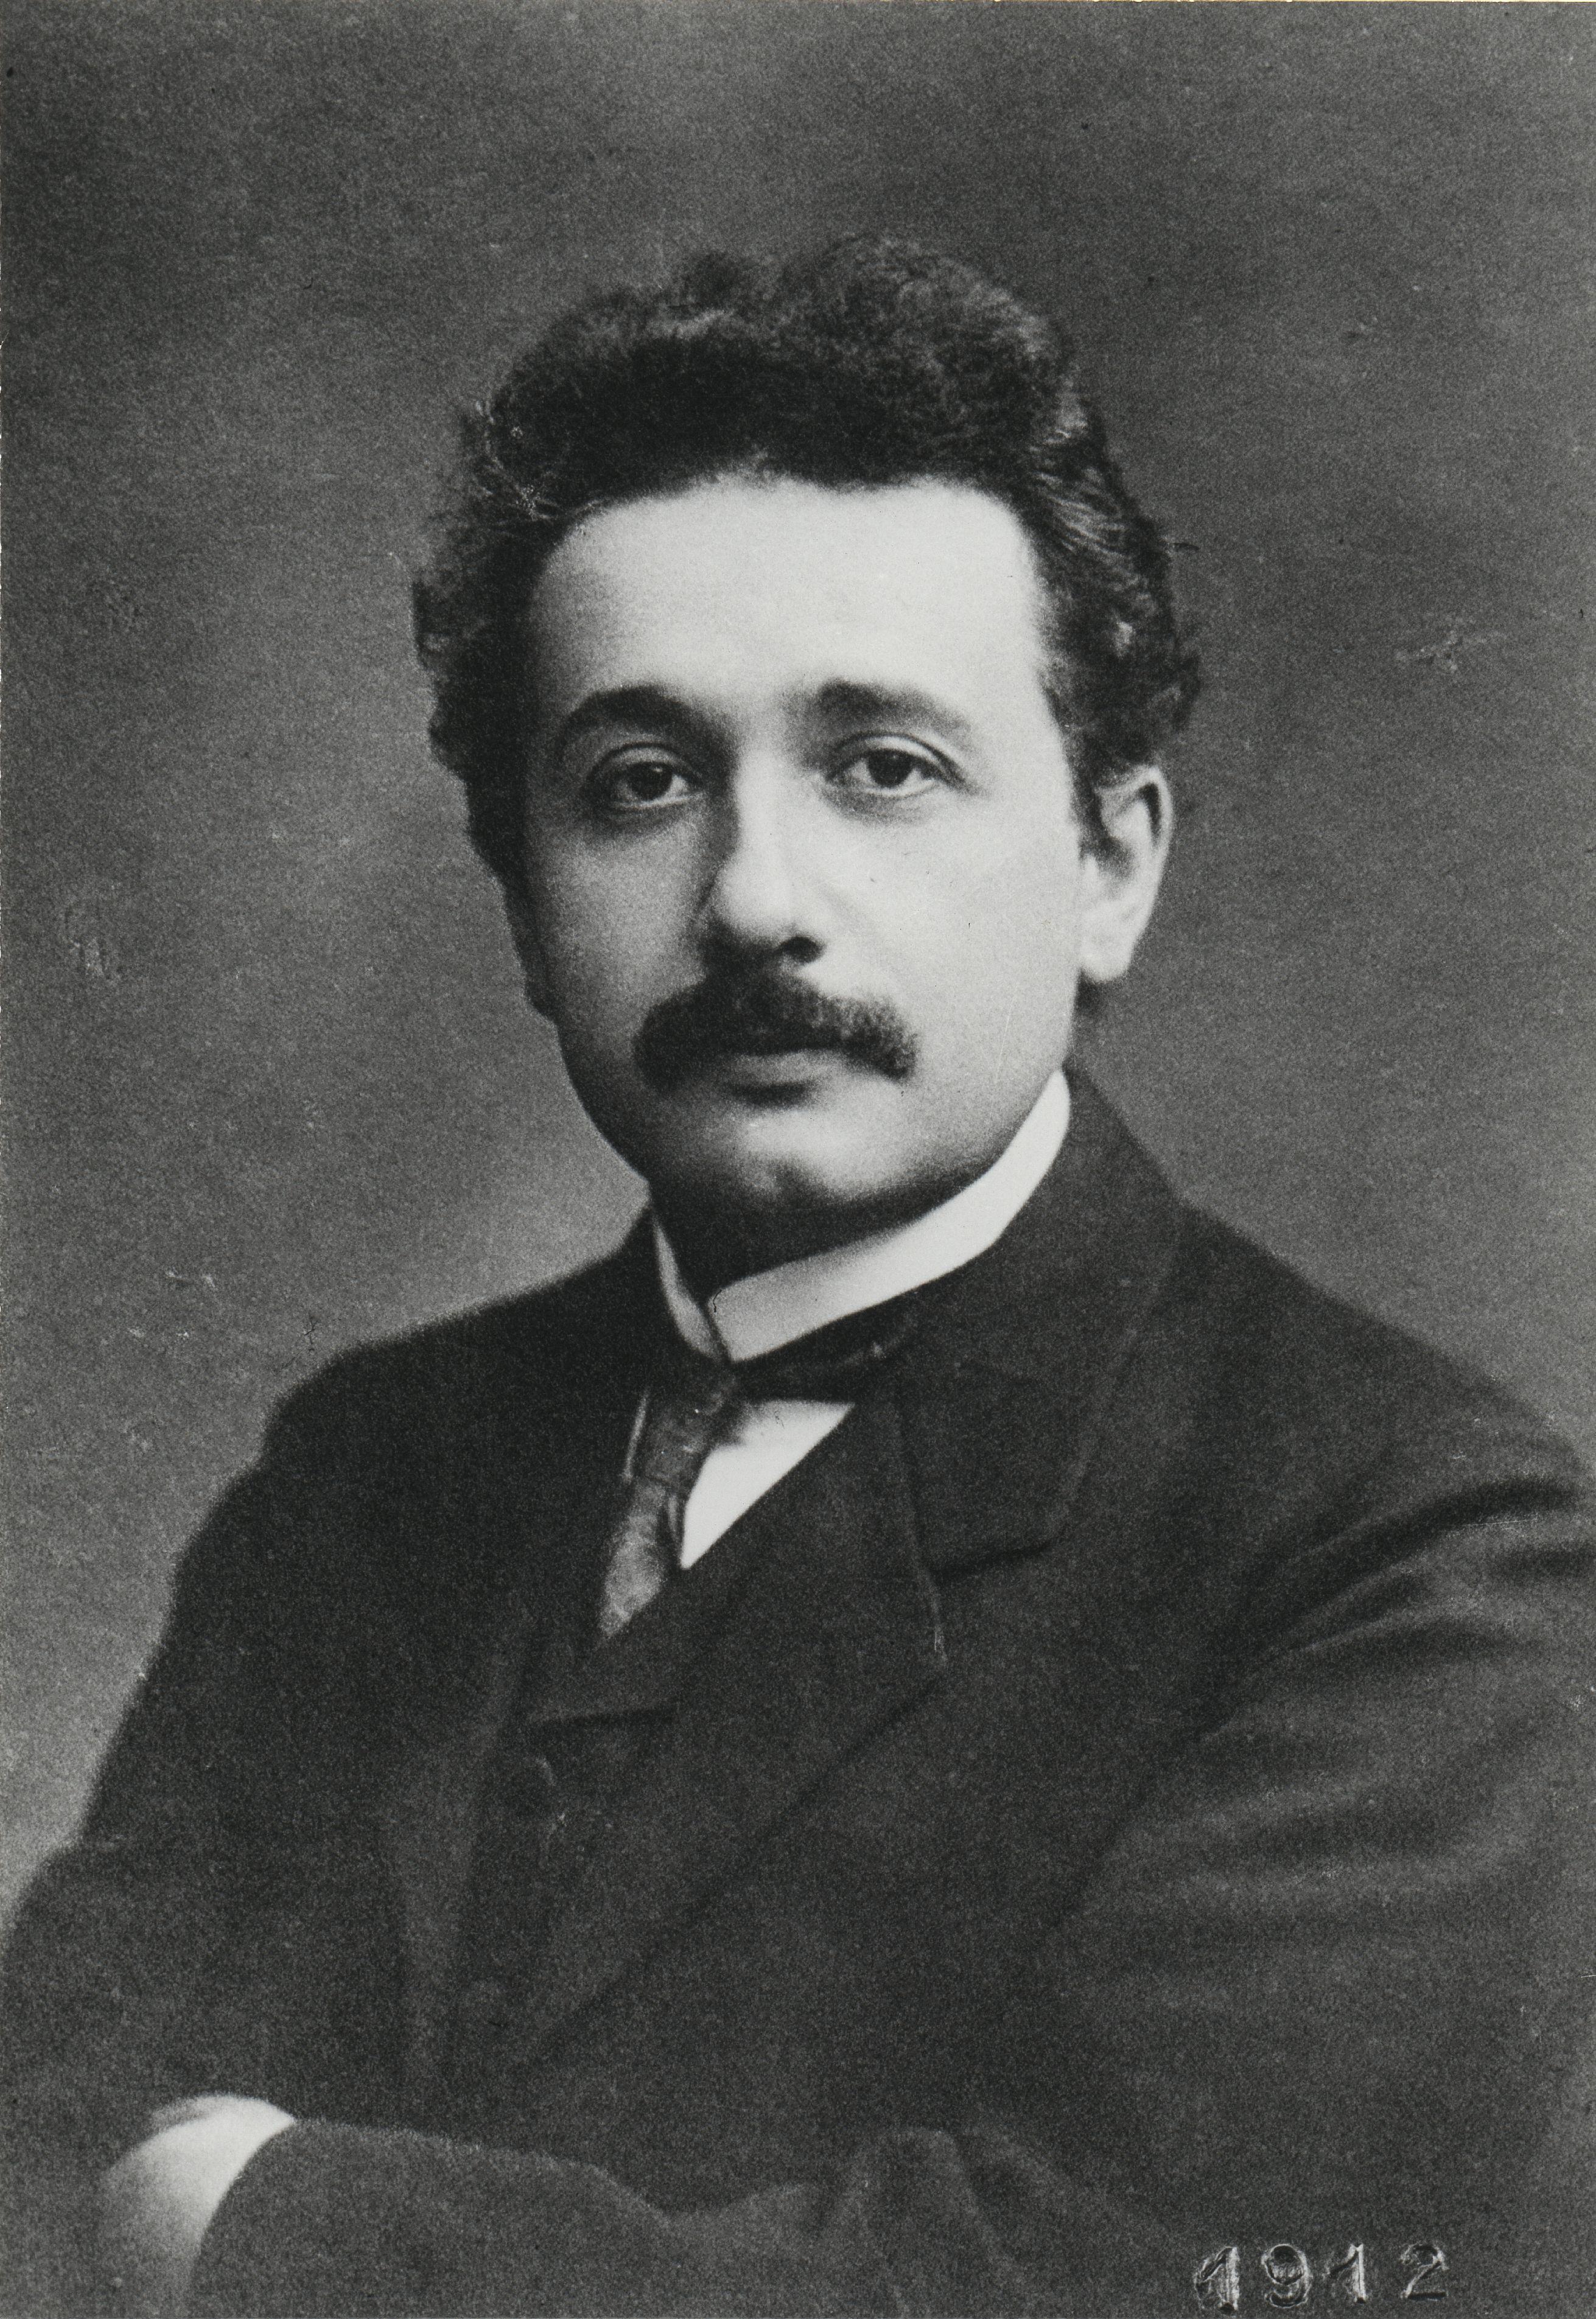 Prêmios E Honrarias Recebidos Por Albert Einstein Wikipédia A Enciclopédia Livre